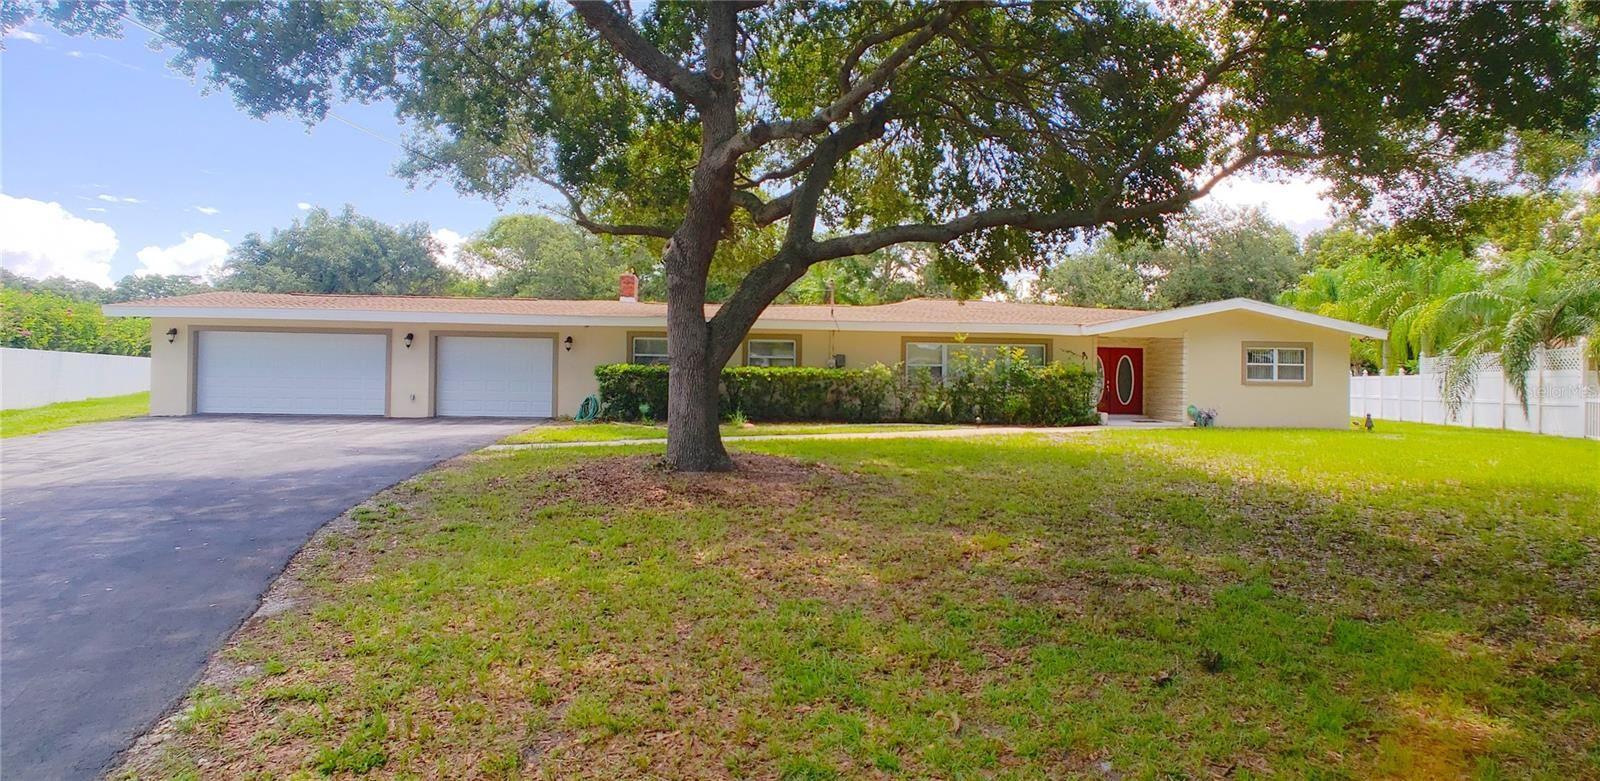 1725 ROBIN HOOD LANE, Clearwater, FL 33764 - #: U8131210